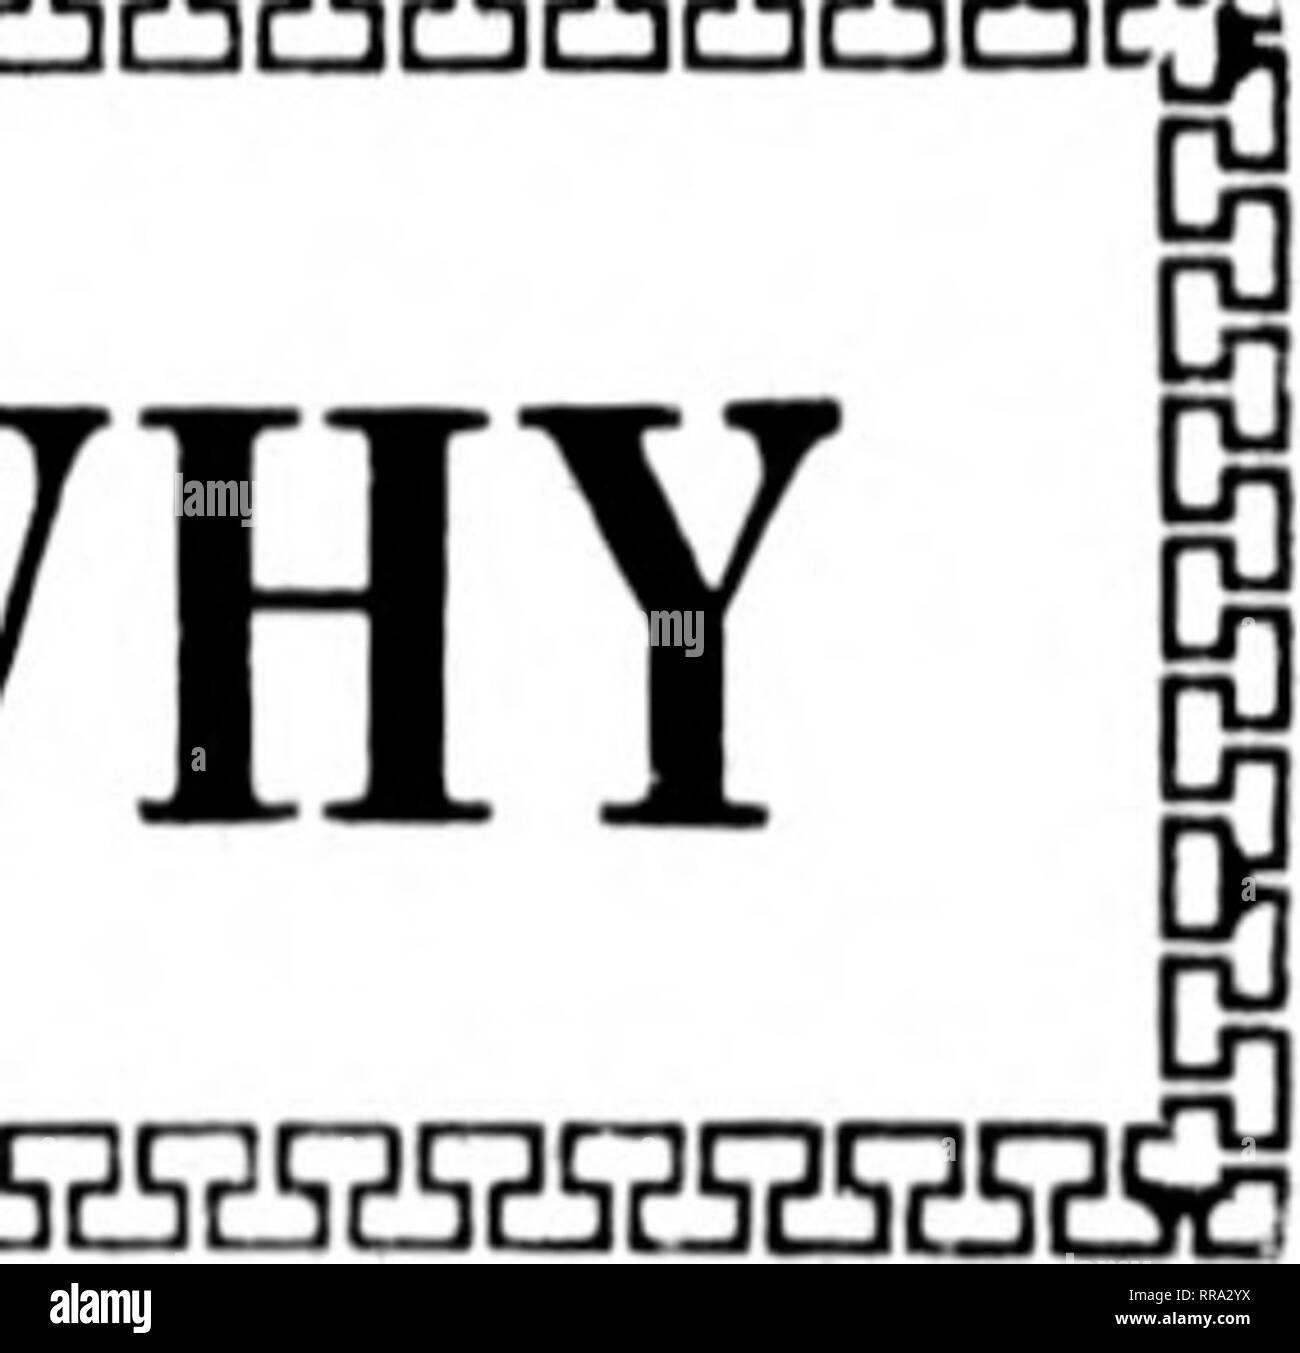 . Fioristi' review [microformati]. Floricoltura. IIKlKMIiKlt 7, I'.tlil: fioristi^ Rassegna liir 63 di cui sopra è stata in fase di stallo a throe piante in (Jhicayc) e vicinitv; vale a dire, la ran<(e di (ieor^e J. sfera, a Glen KIlyn, 111., e bas- sctt & Washhurn, Hinsdale, 111.; entro i limiti della città si può bo visto in opera- zione alla Carey mattone Co., sessanta- sesto street e Orand avenue. In ciascuna di tali impianti l'aria calda è hrouKht liefore il bruciatore ad olio jet- teste, e la combinazione di aria calda e di incendi dell'olio è portato da lì verso la camera di combustione principale. F. R. Gru, Jr. TR Immagini Stock